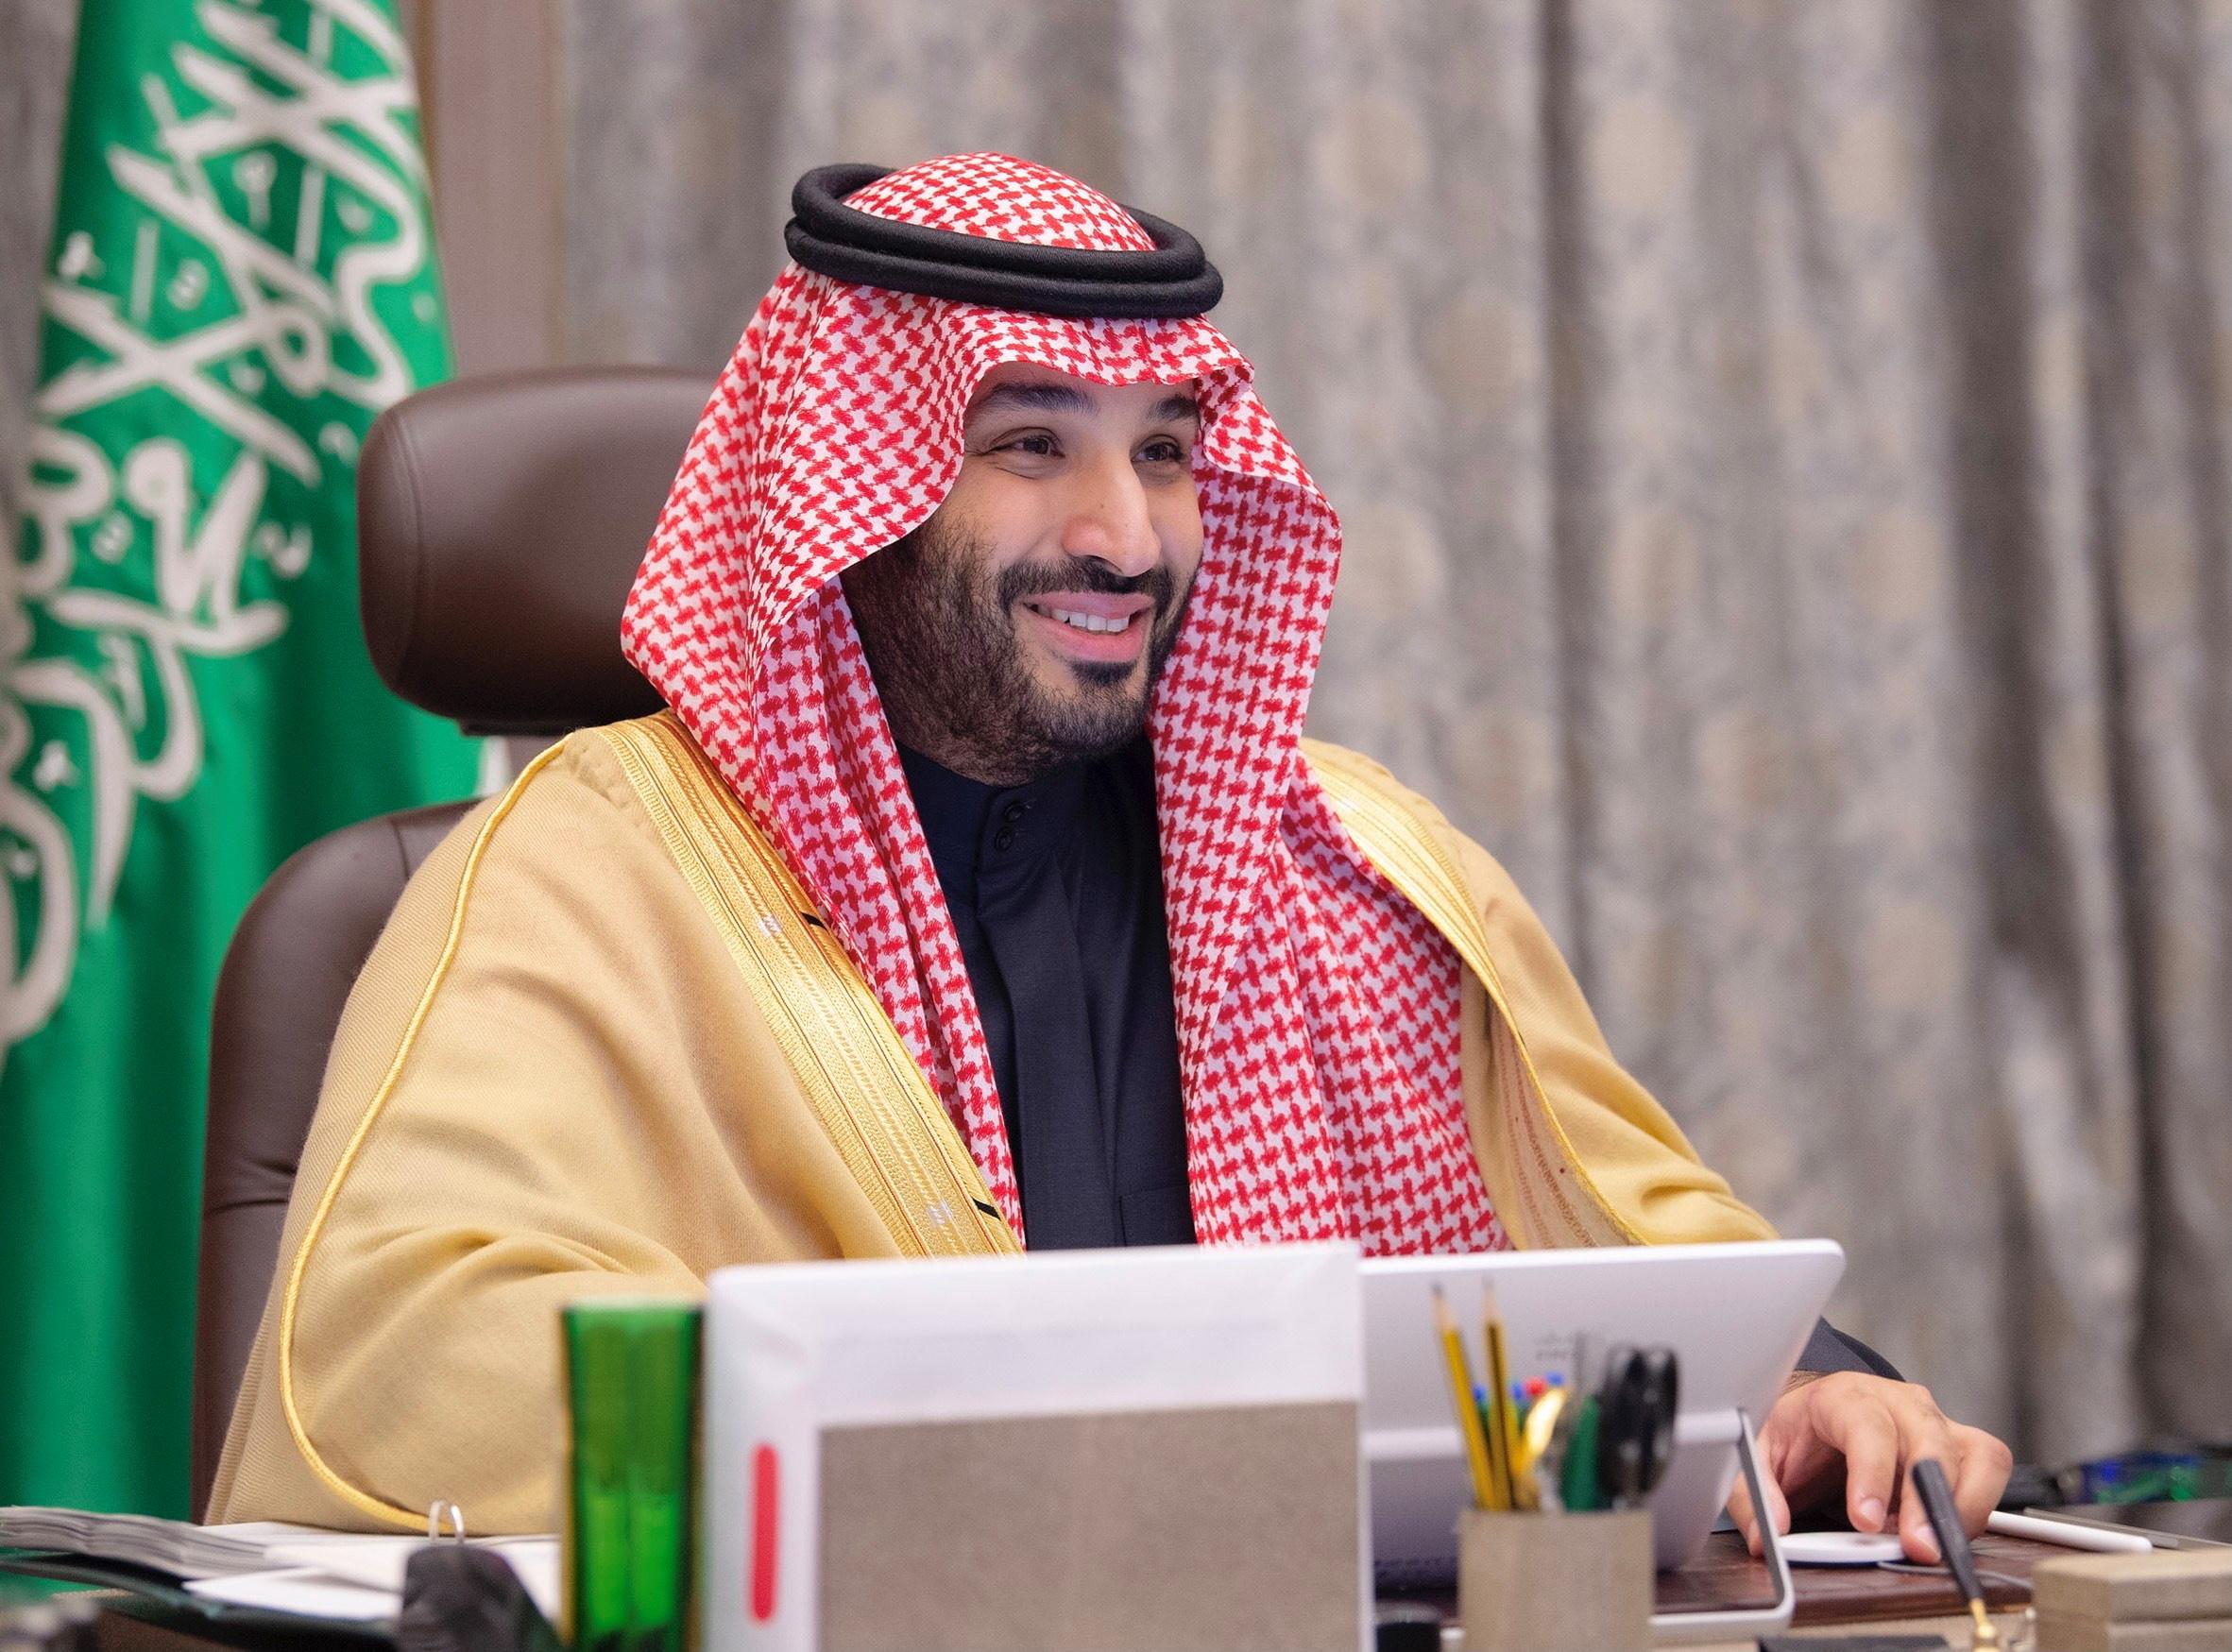 Κατακραυγή για την καταδίκη ακτιβίστριας στη Σαουδική Αραβία